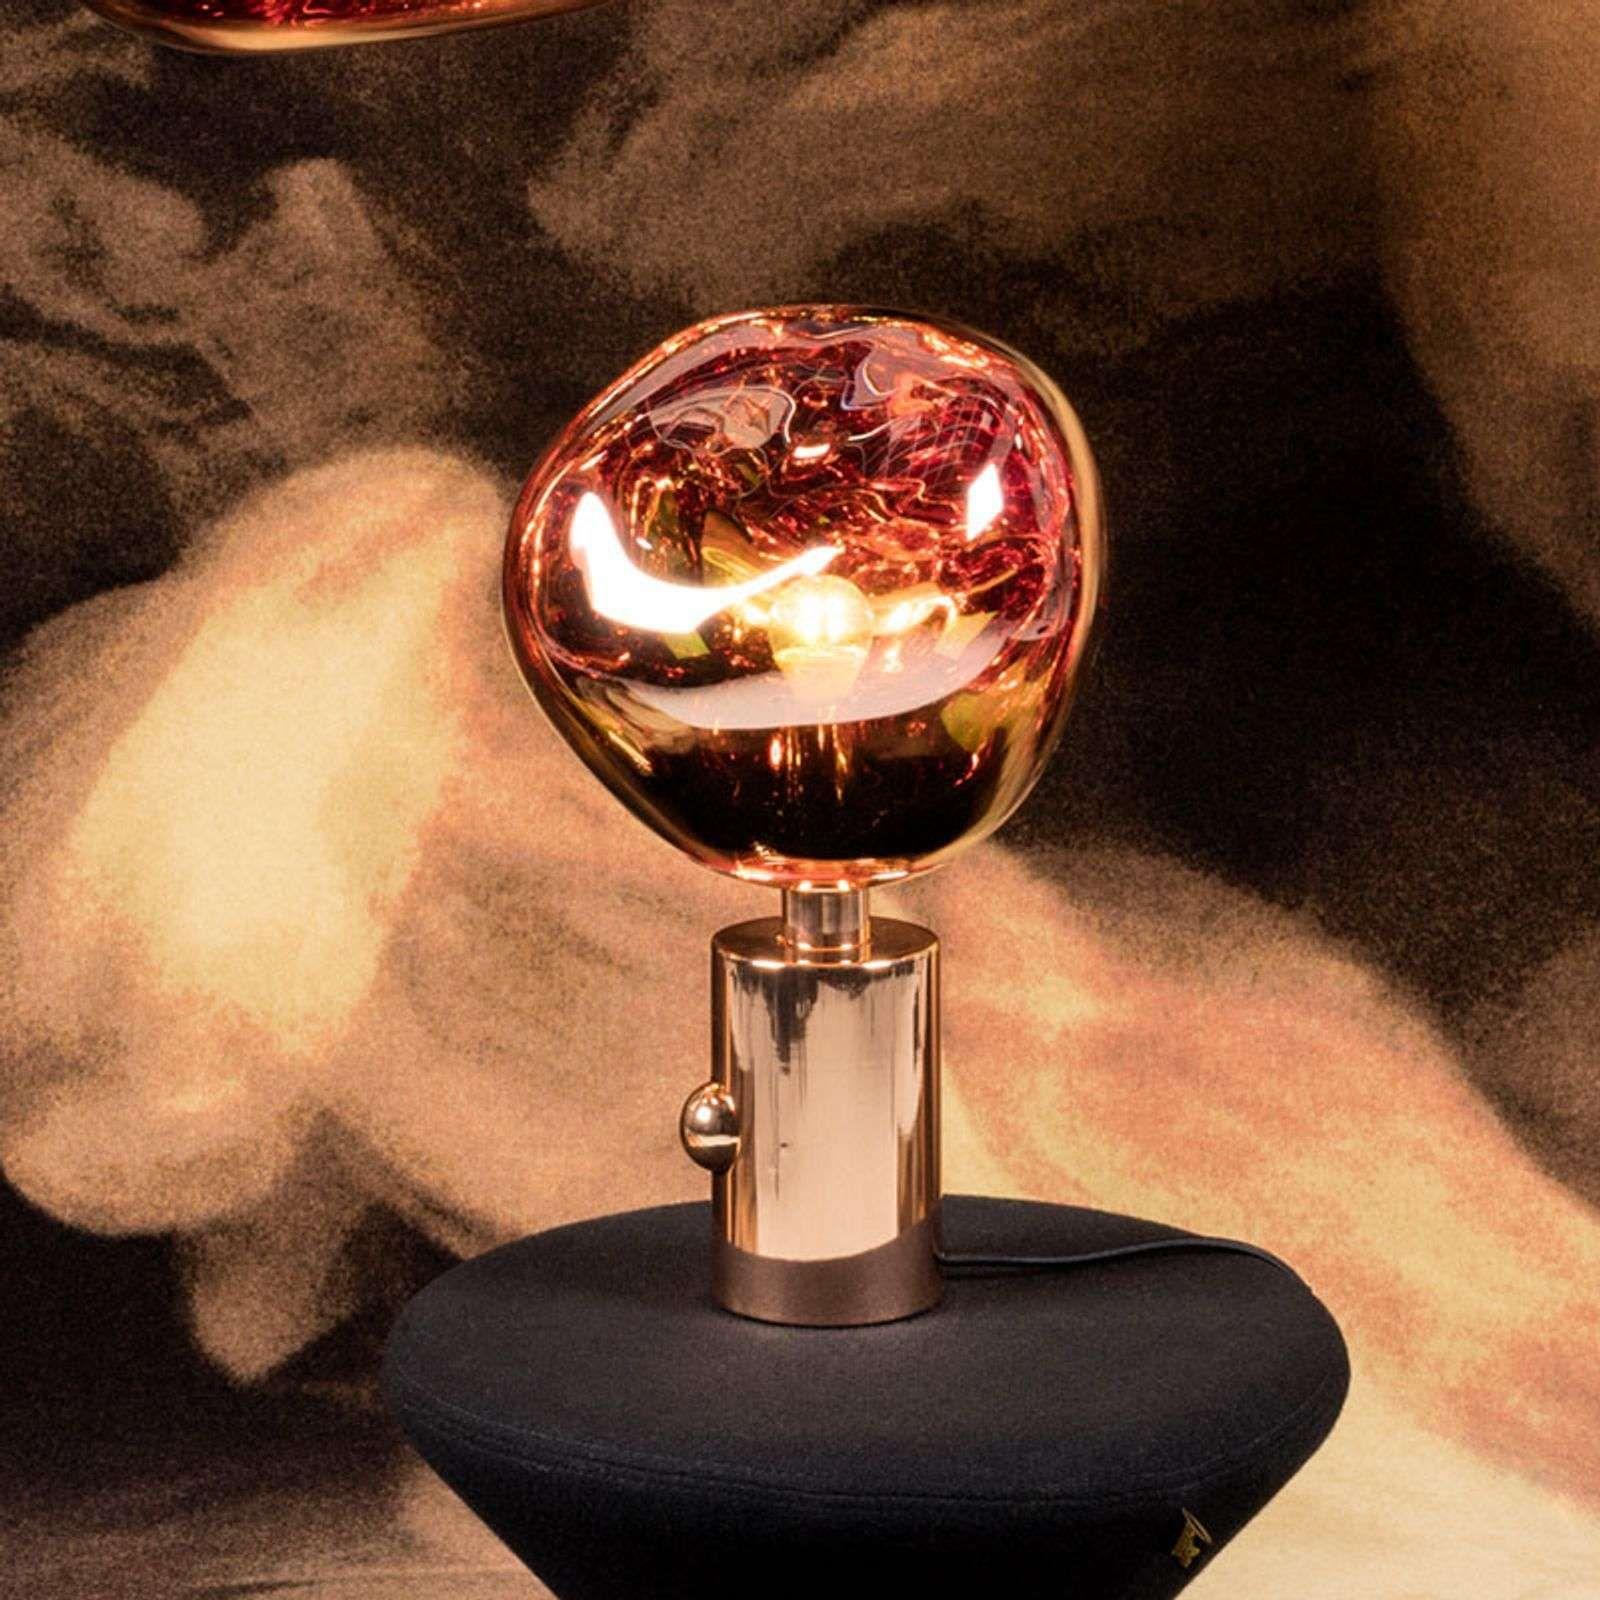 Designer Fensterbank Lampe Melt Von Tom Dixon Kupfer In 2020 Tischleuchte Tom Dixon Lampe Und Tom Dixon